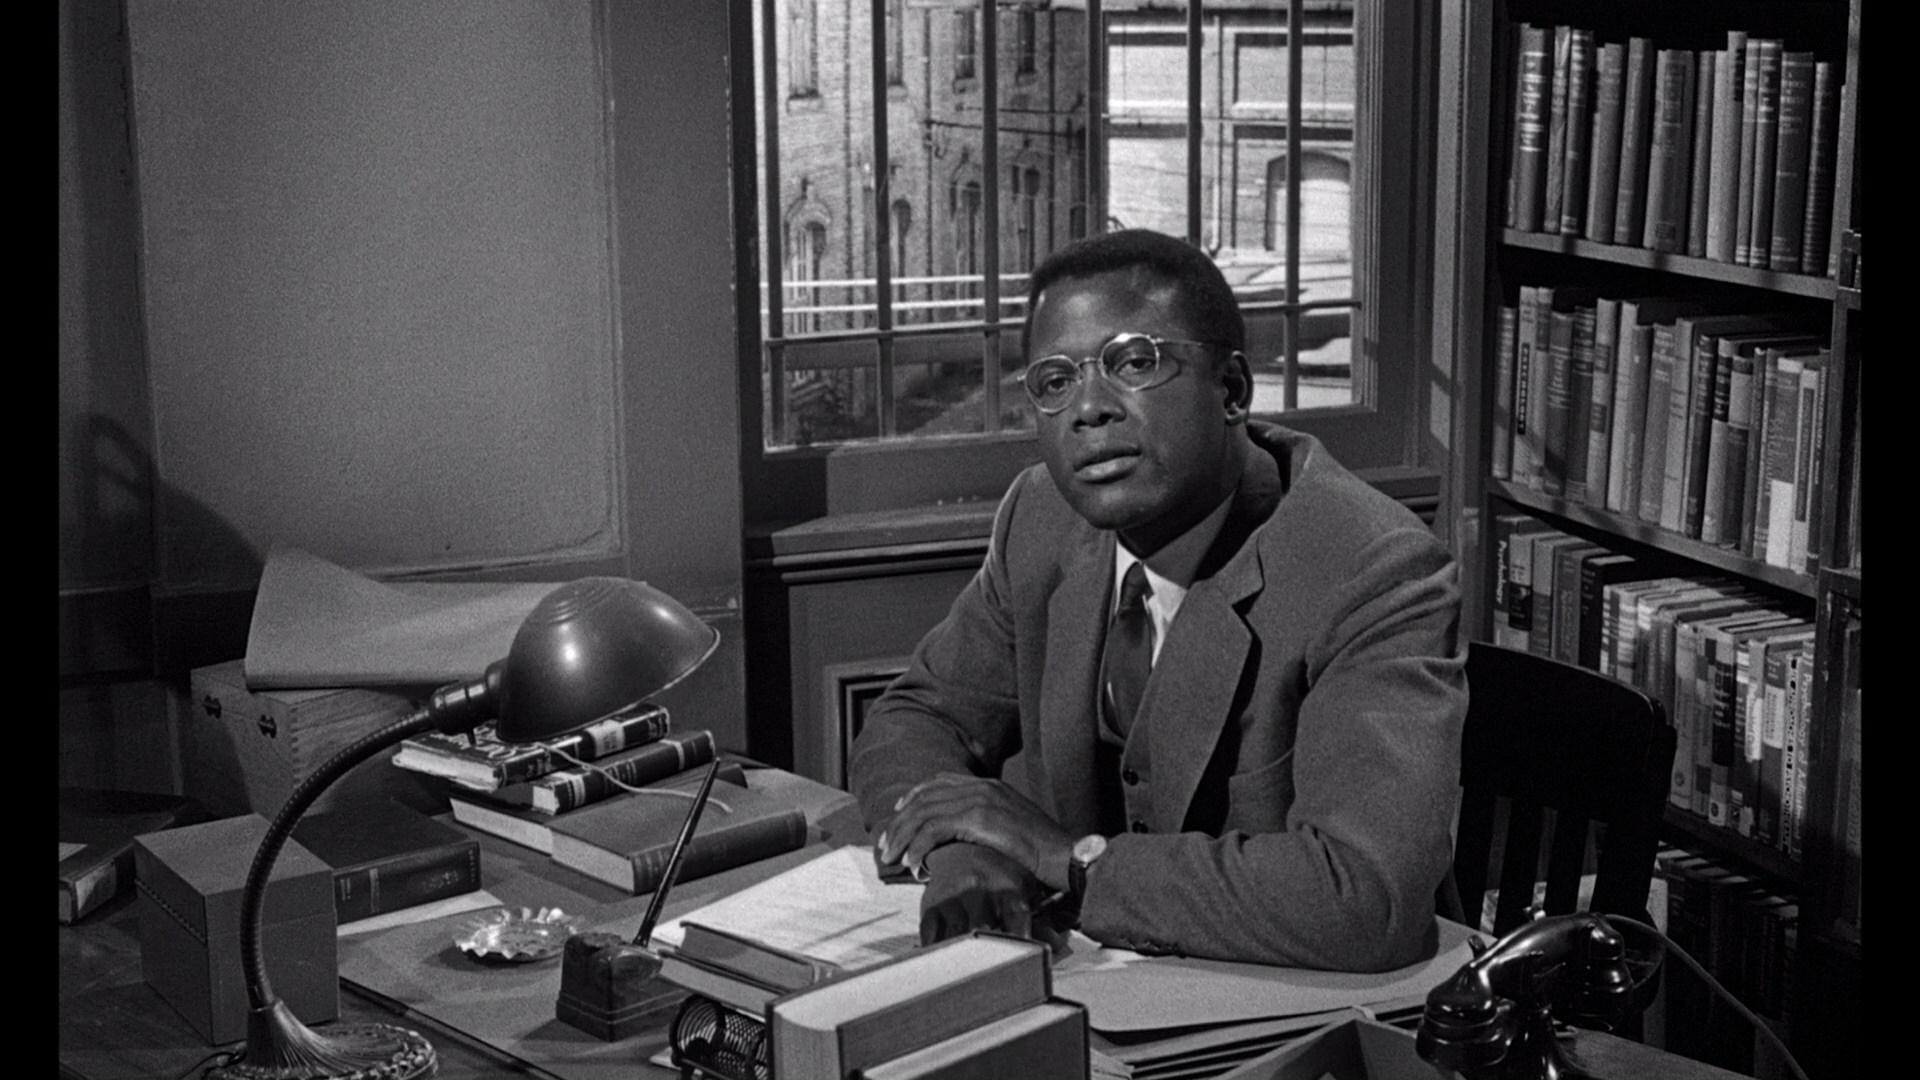 Sidney Poitier in Pressure Point (1962)